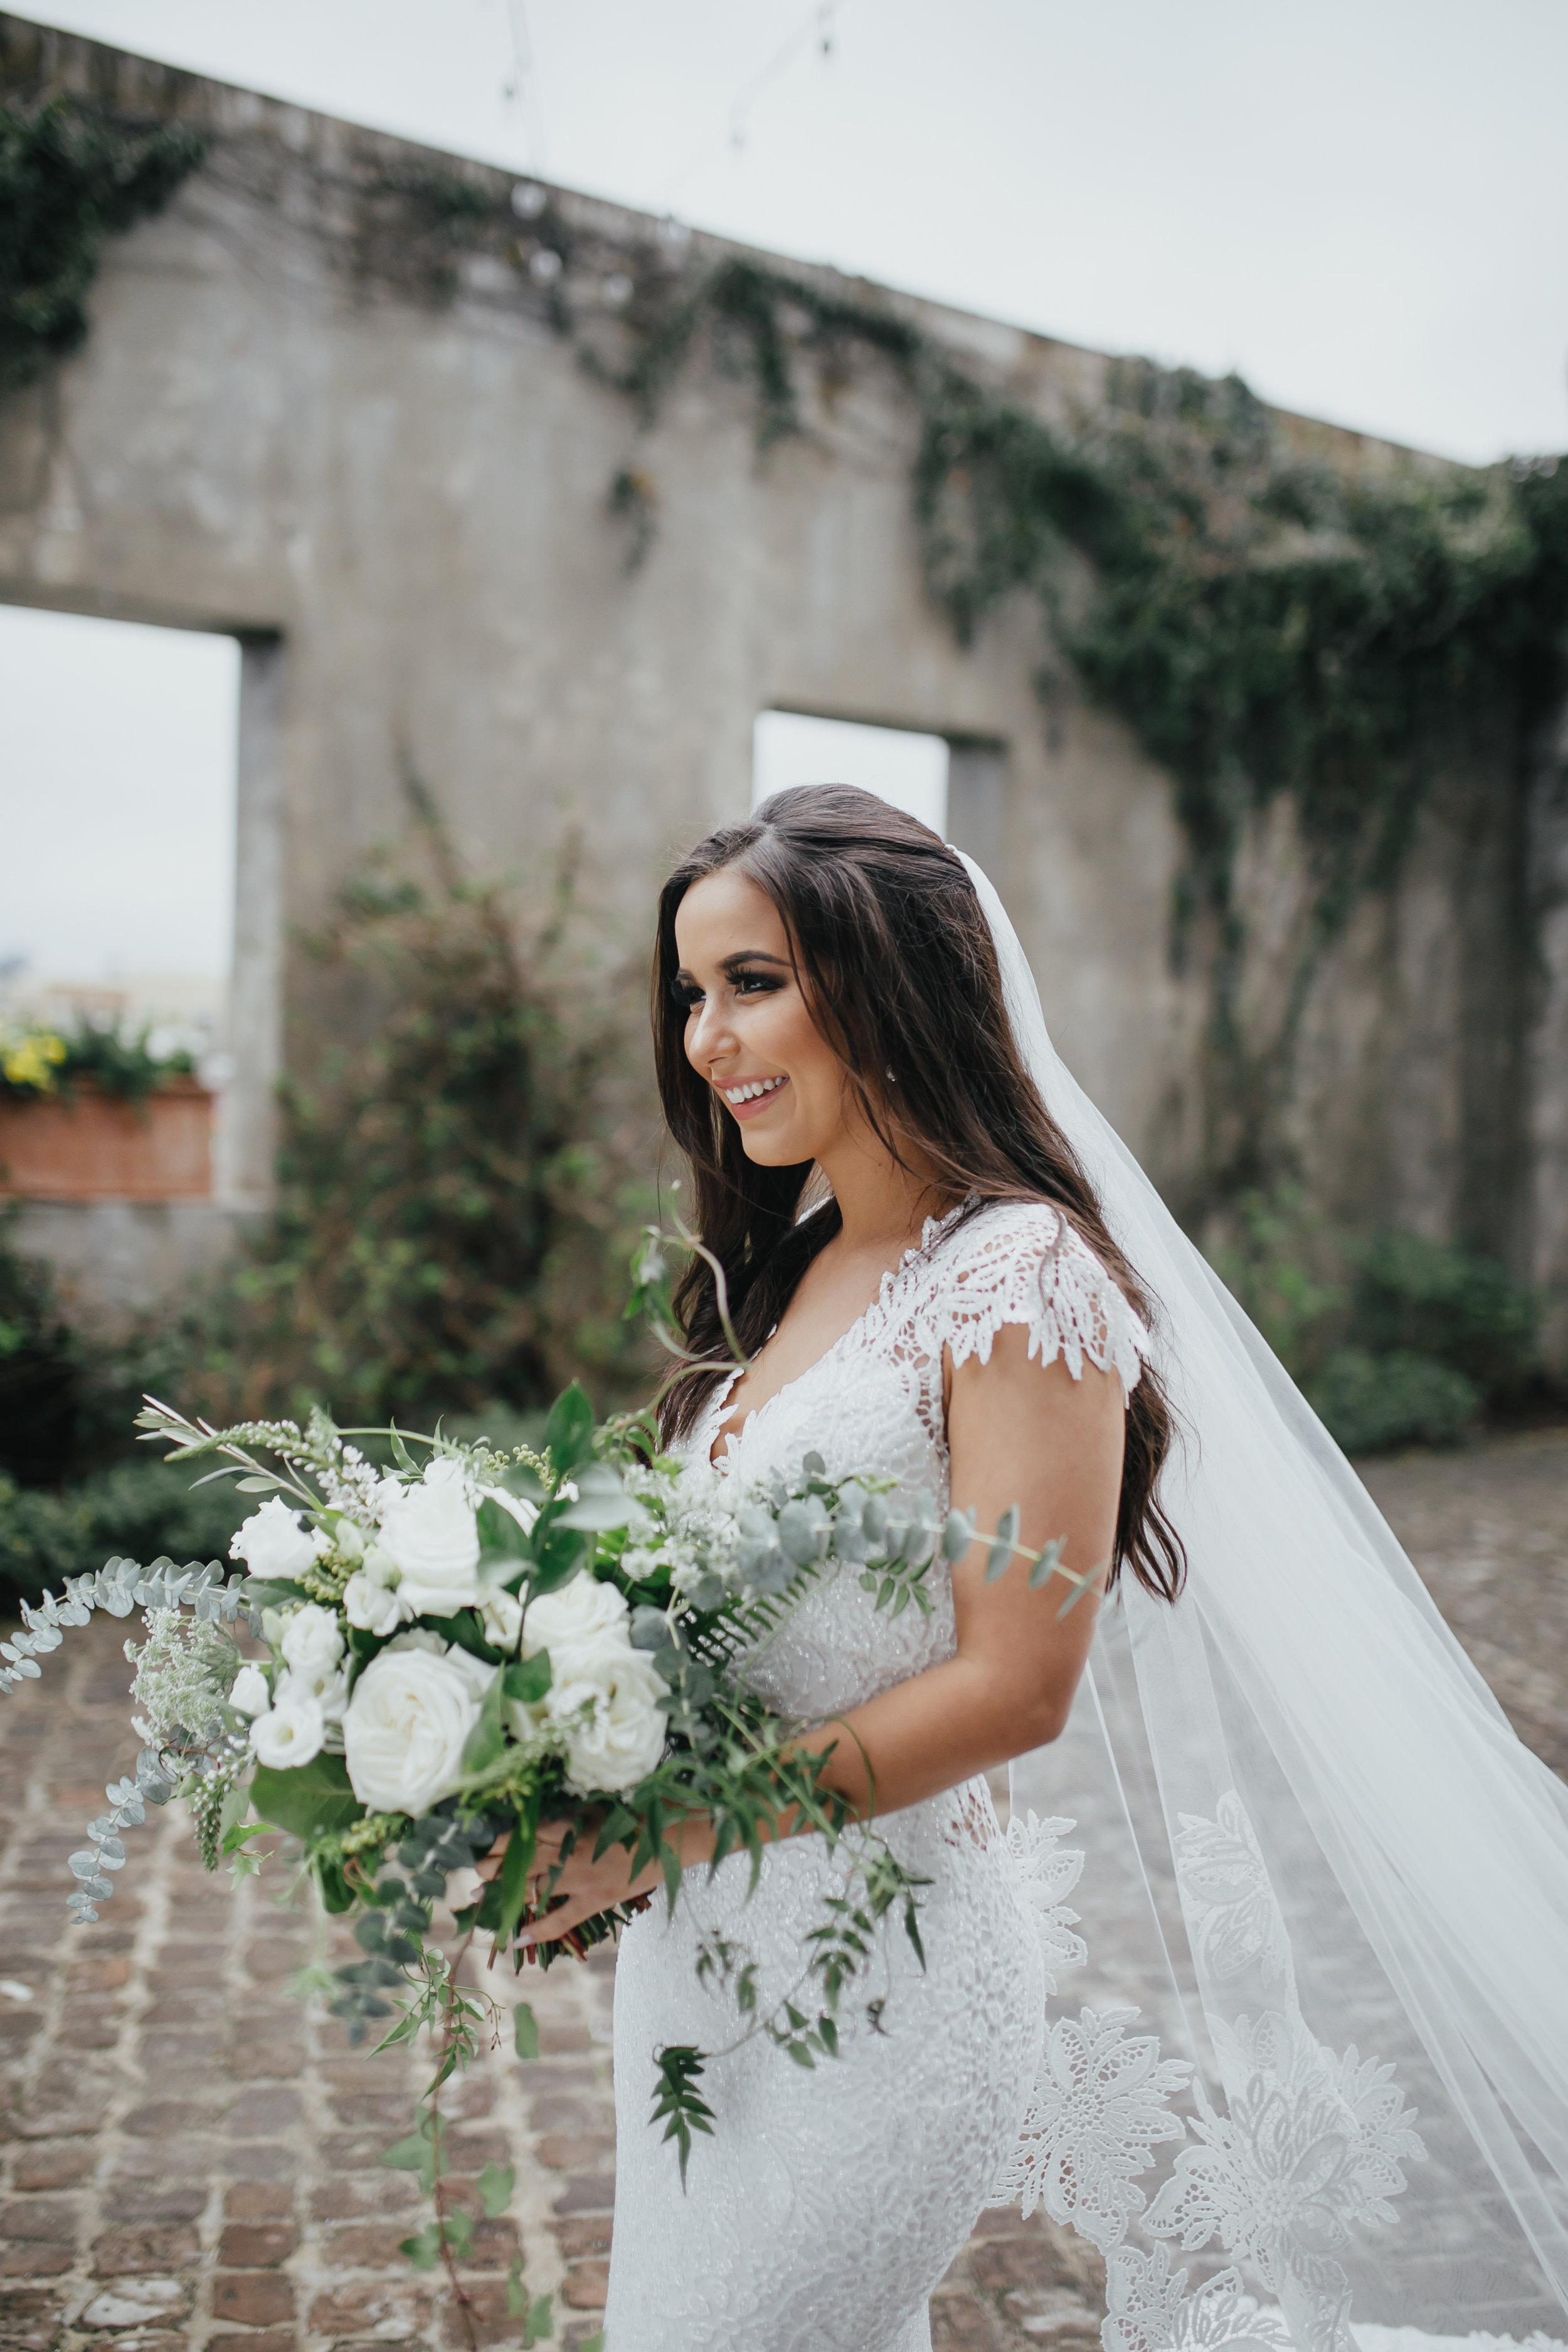 Weddings - Begin at $4000(or $500/ hour)